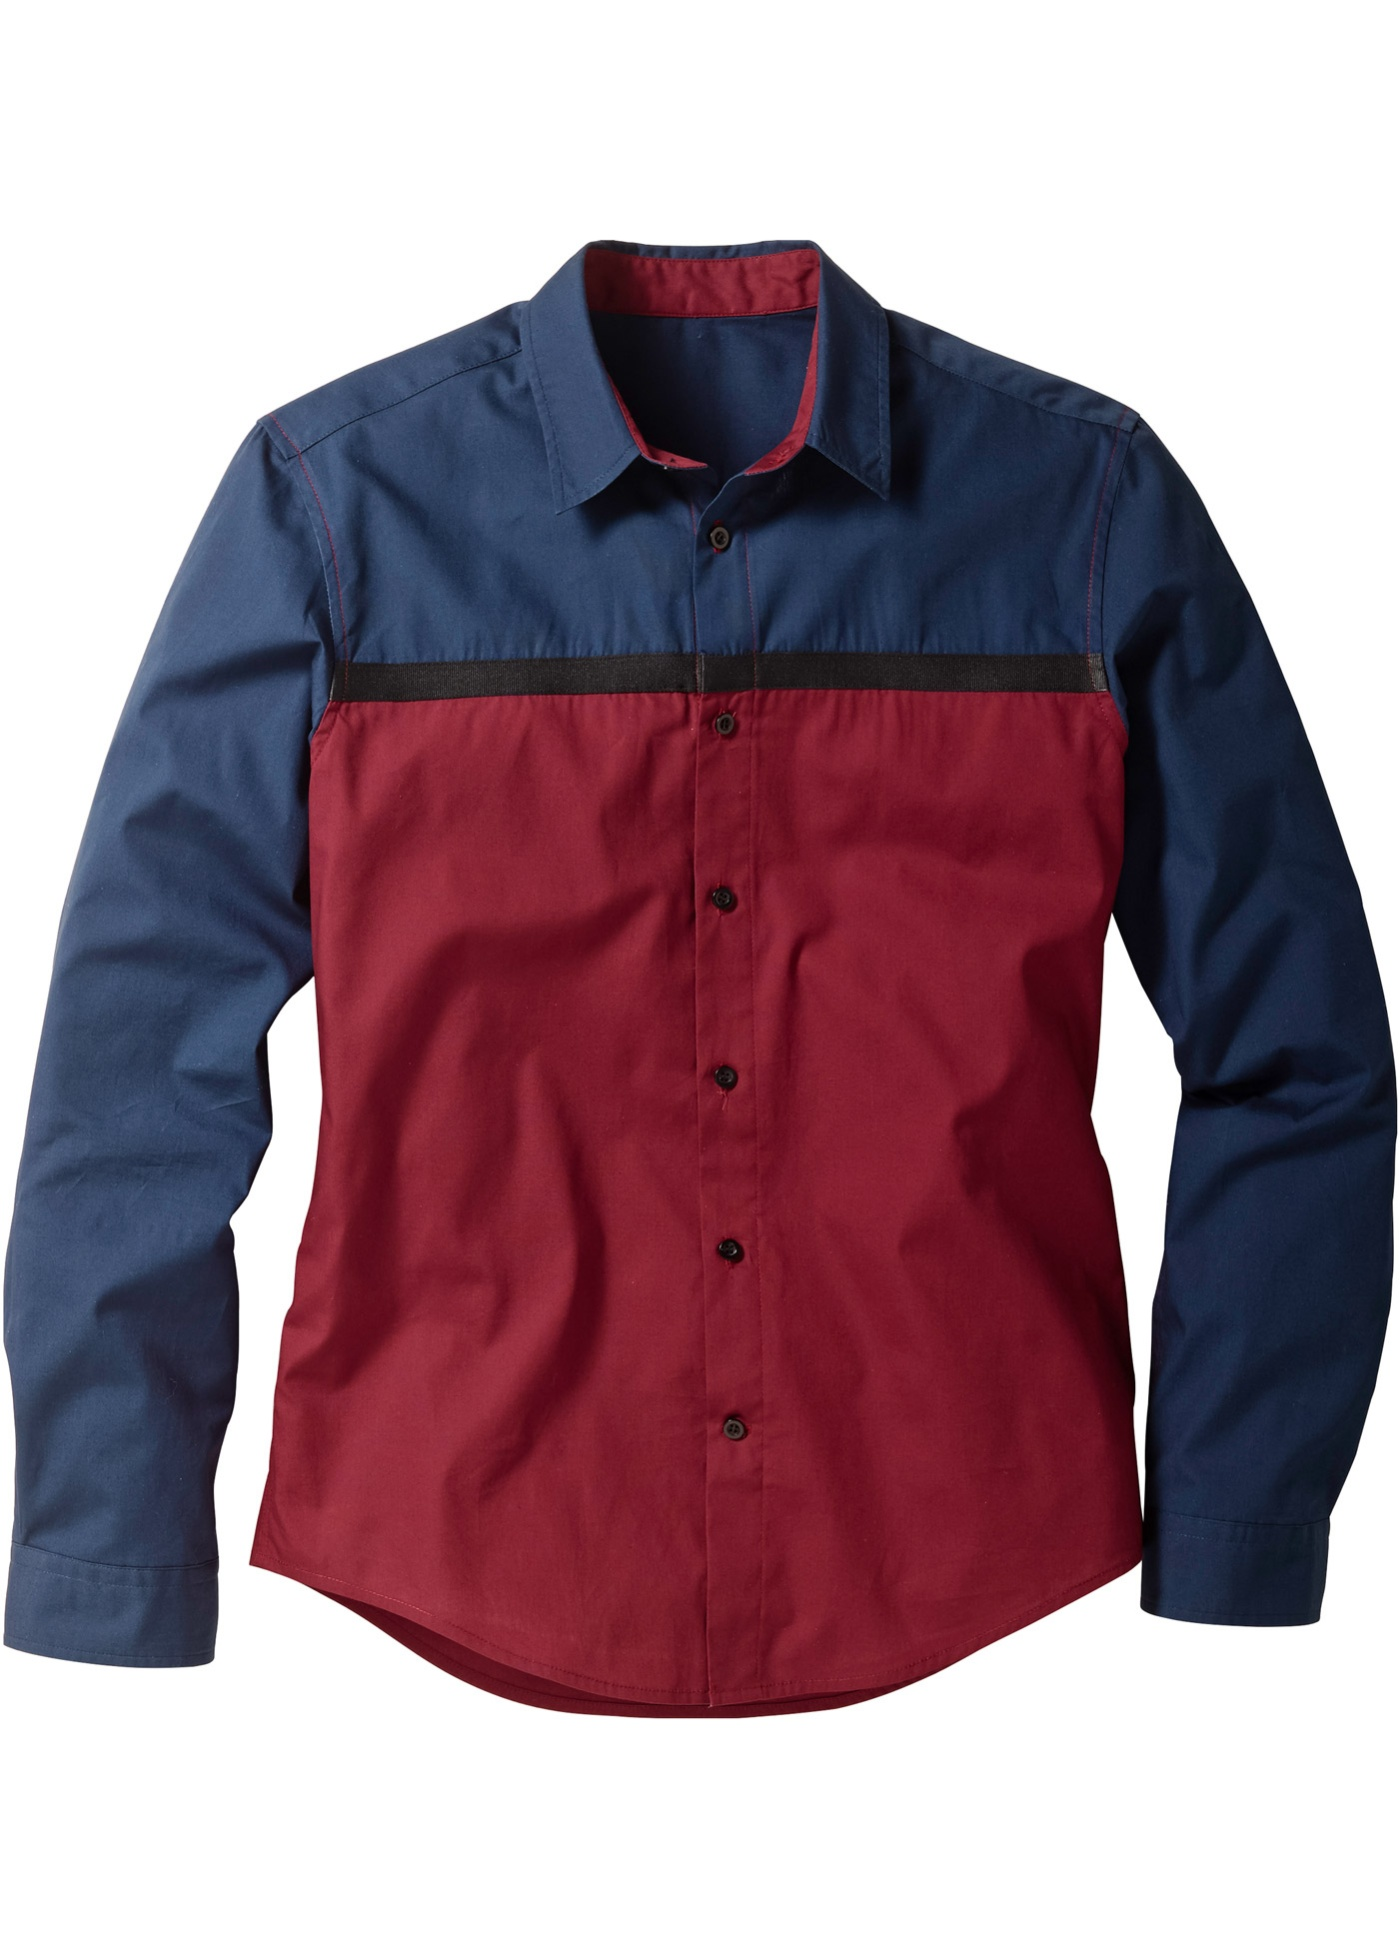 bpc selection Langarmhemd in blau für Herren von bonprix Herrenmode Herrenbekleidung Herren Hemden Herren Hemd Langarm